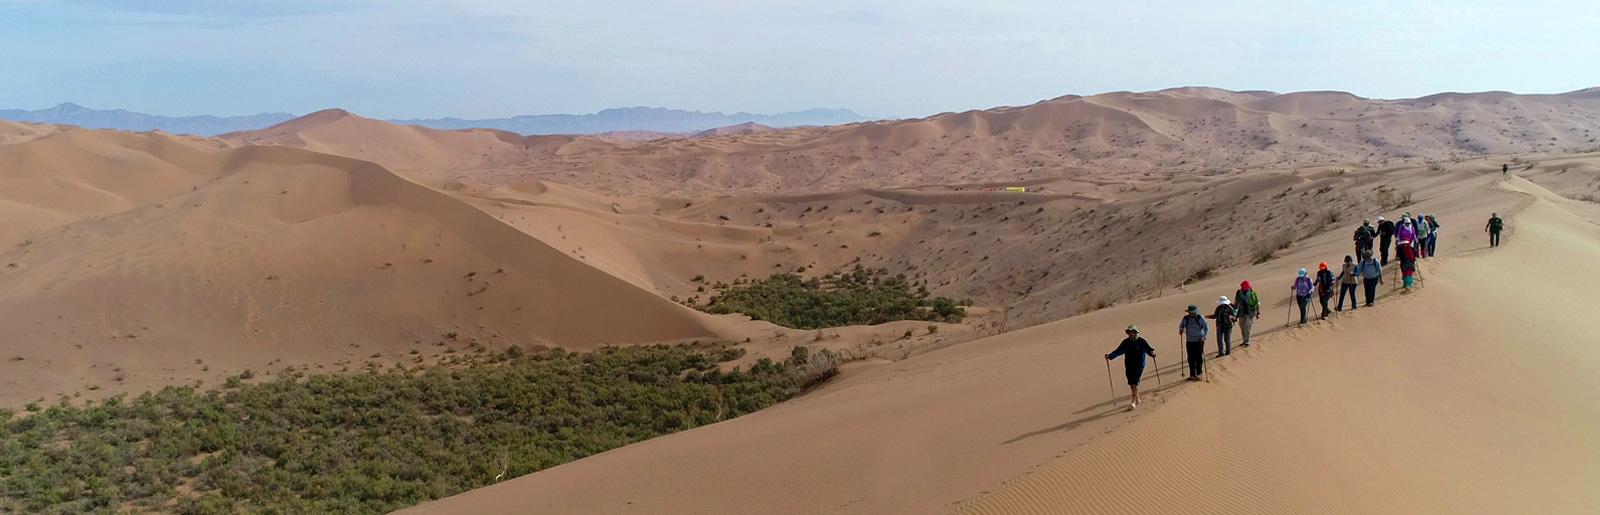 Desert Trekking in Rig-e Jenn; the Mysterious Dunes of Genie